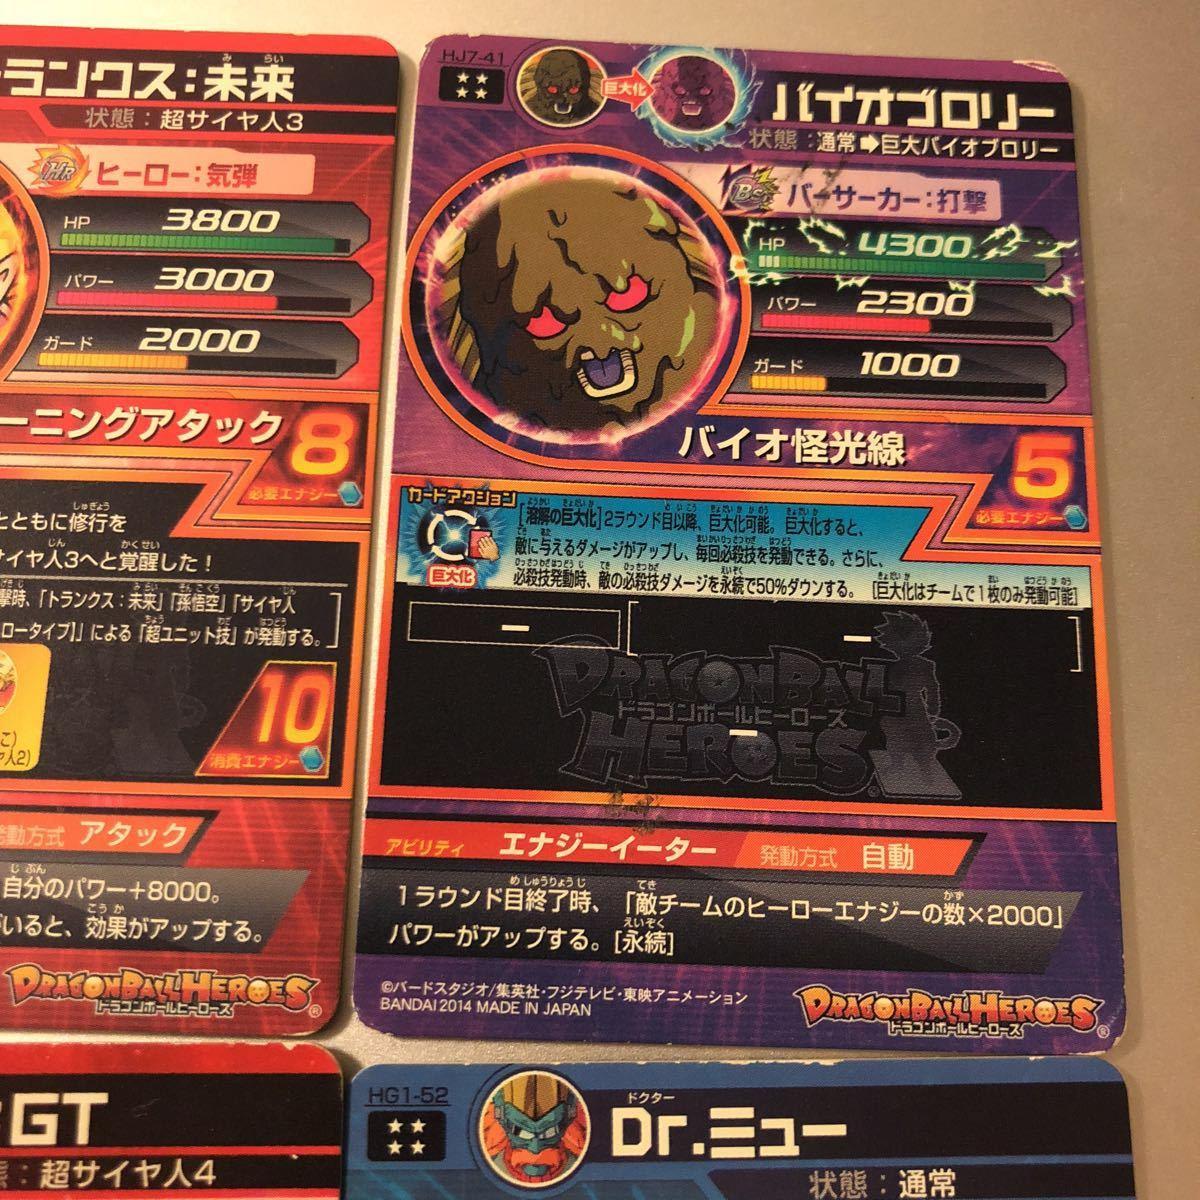 「送料無料」ドラゴンボールヒーローズ セット まとめ 8枚 _画像7